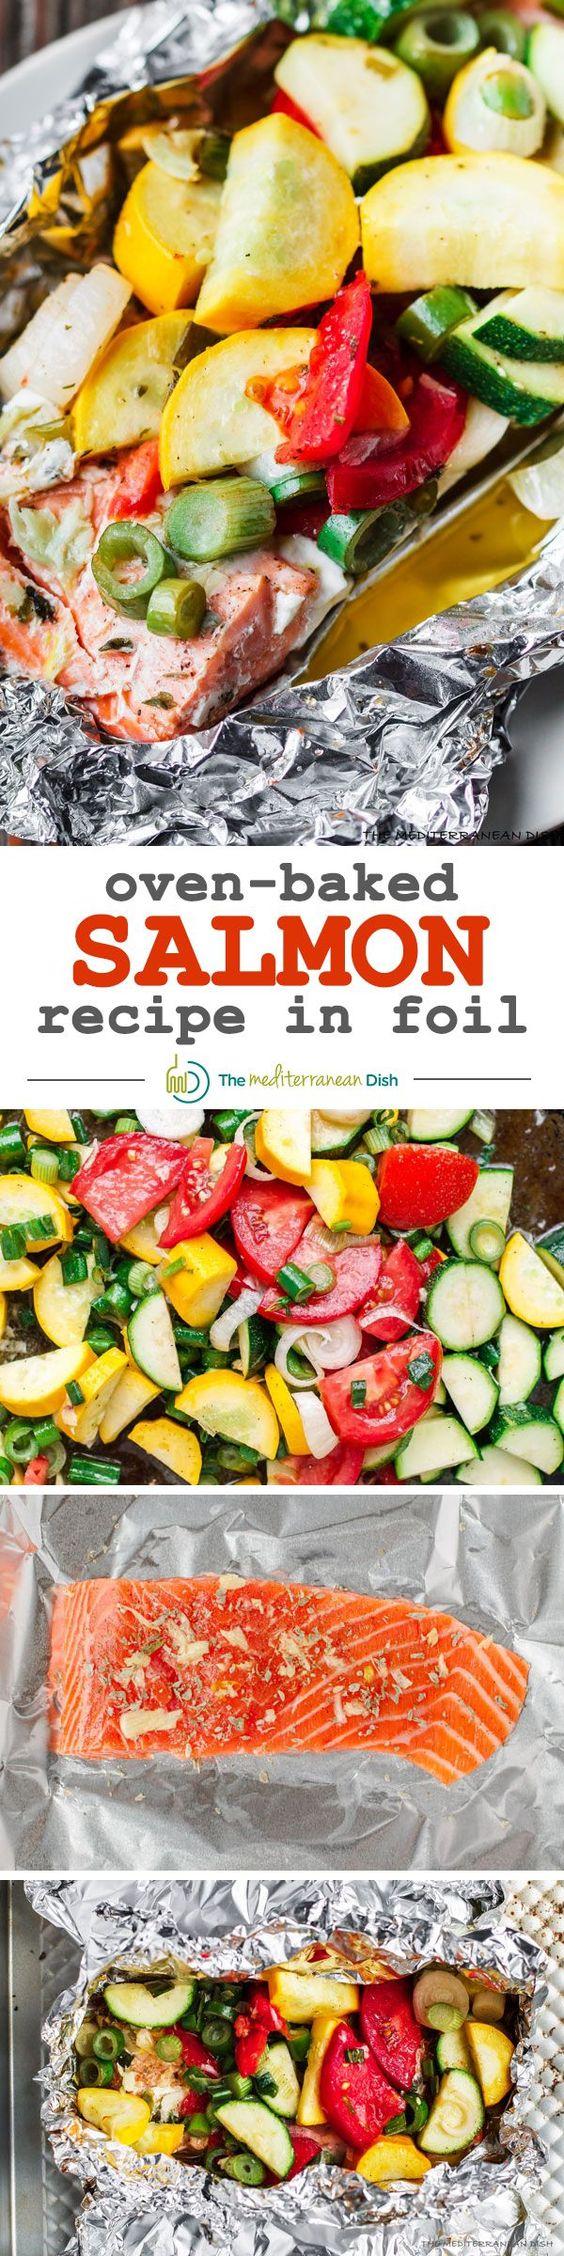 lemon pepper salmon in foil mediterranean salmon baked in foil